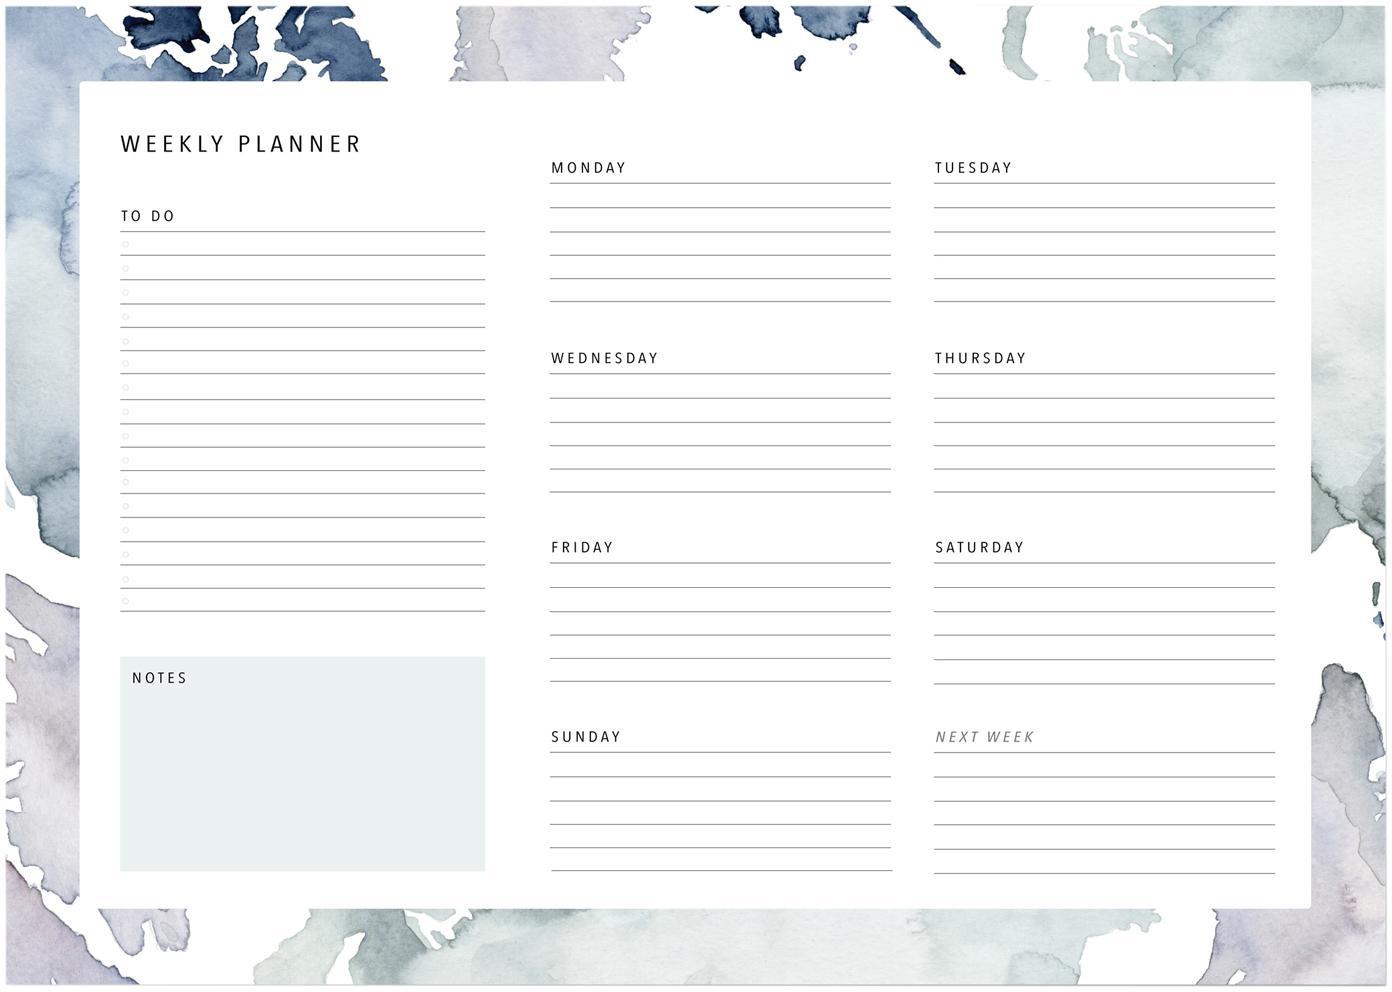 Wochenplaner Pastel Stains, Papier, Blautöne, Weiss, 30 x 21 cm